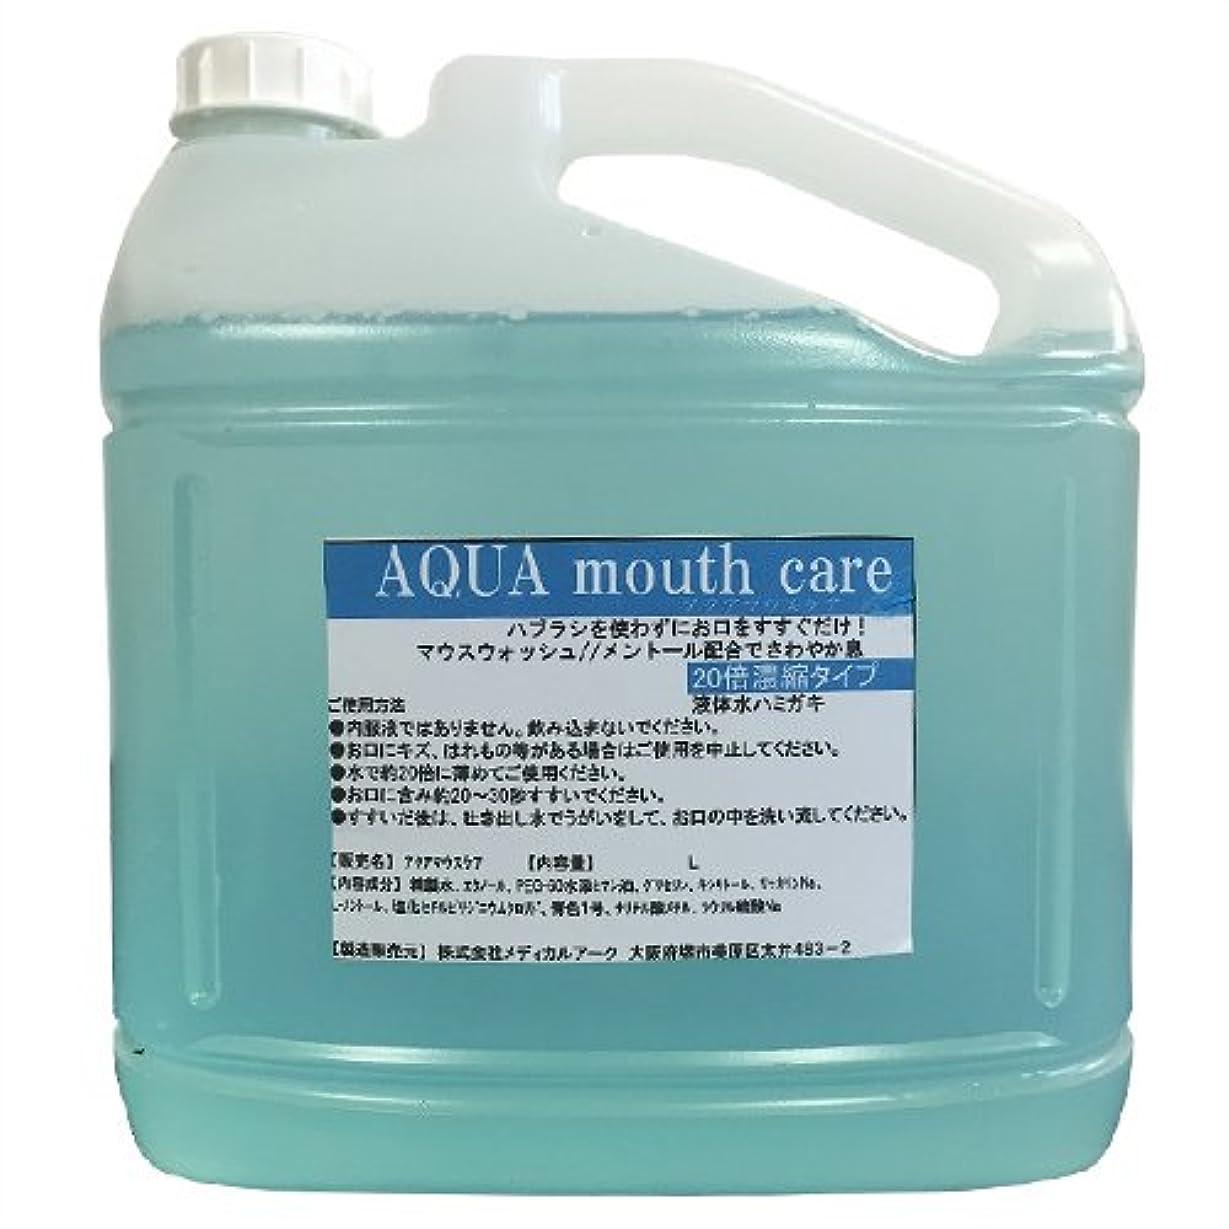 識字チェス熱意業務用洗口液 マウスウォッシュ アクアマウスケア (AQUA mouth care) 20倍濃縮タイプ 5L (詰め替えコック付き)